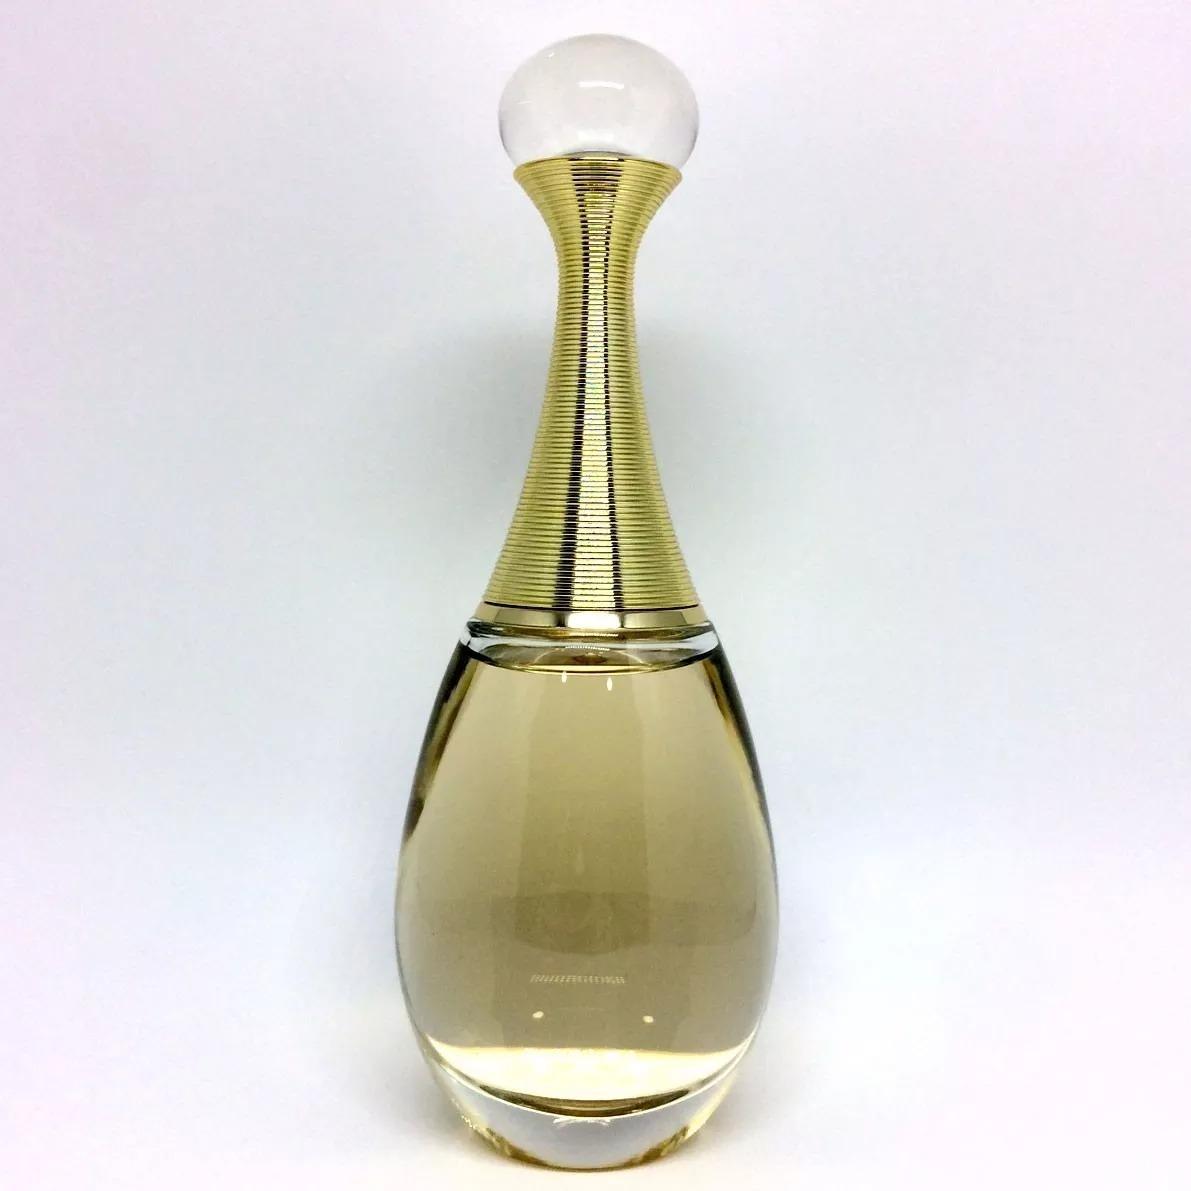 edfe6e7f8a jadore eau de parfum 100ml feminino original frete grátis! Carregando zoom.